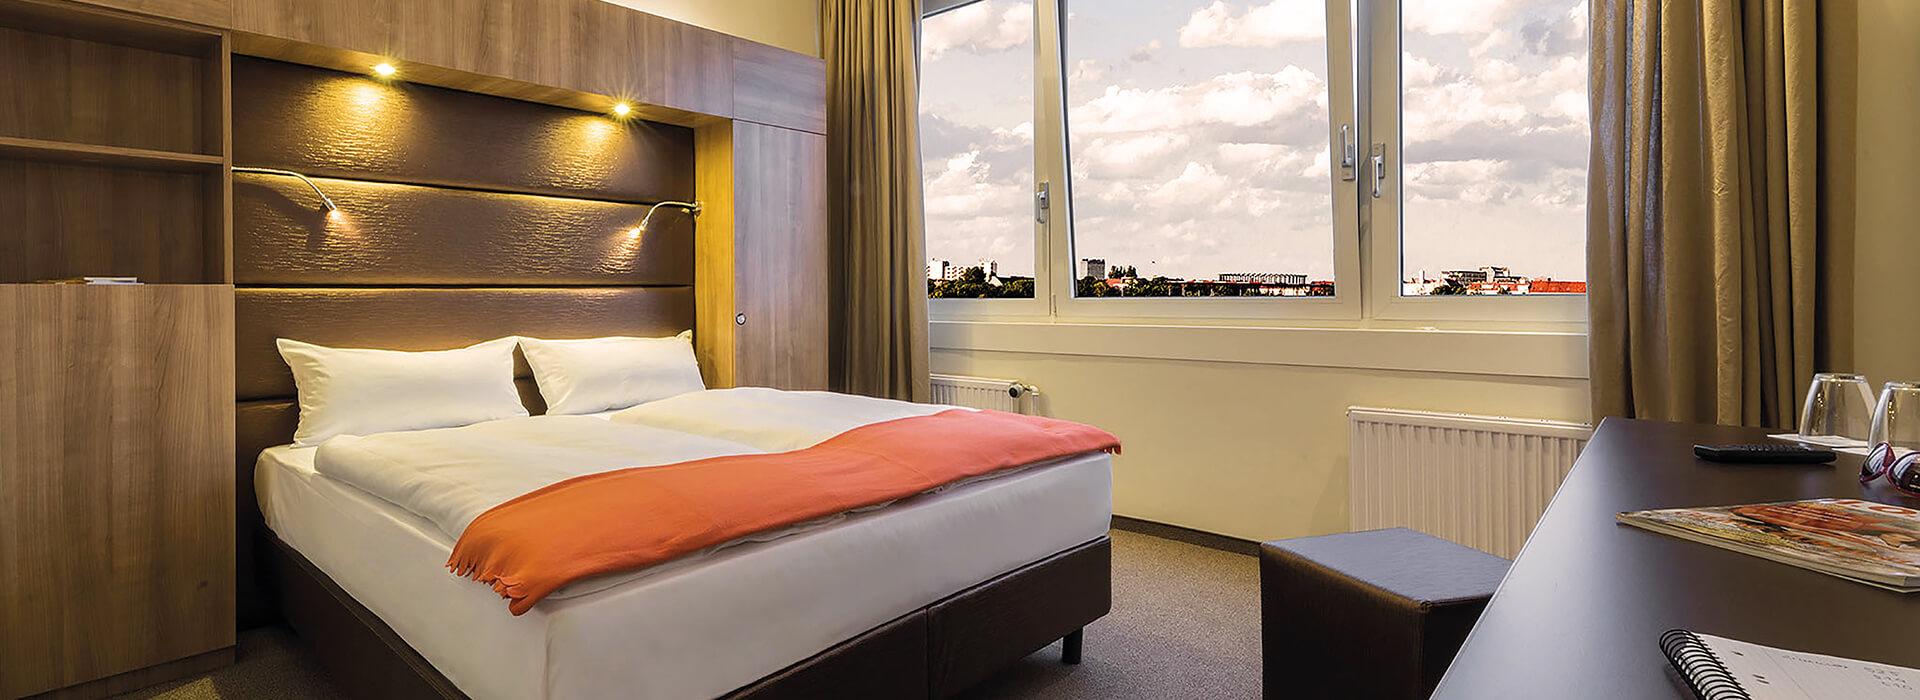 Hotel Plus Berlin Familienzimmer